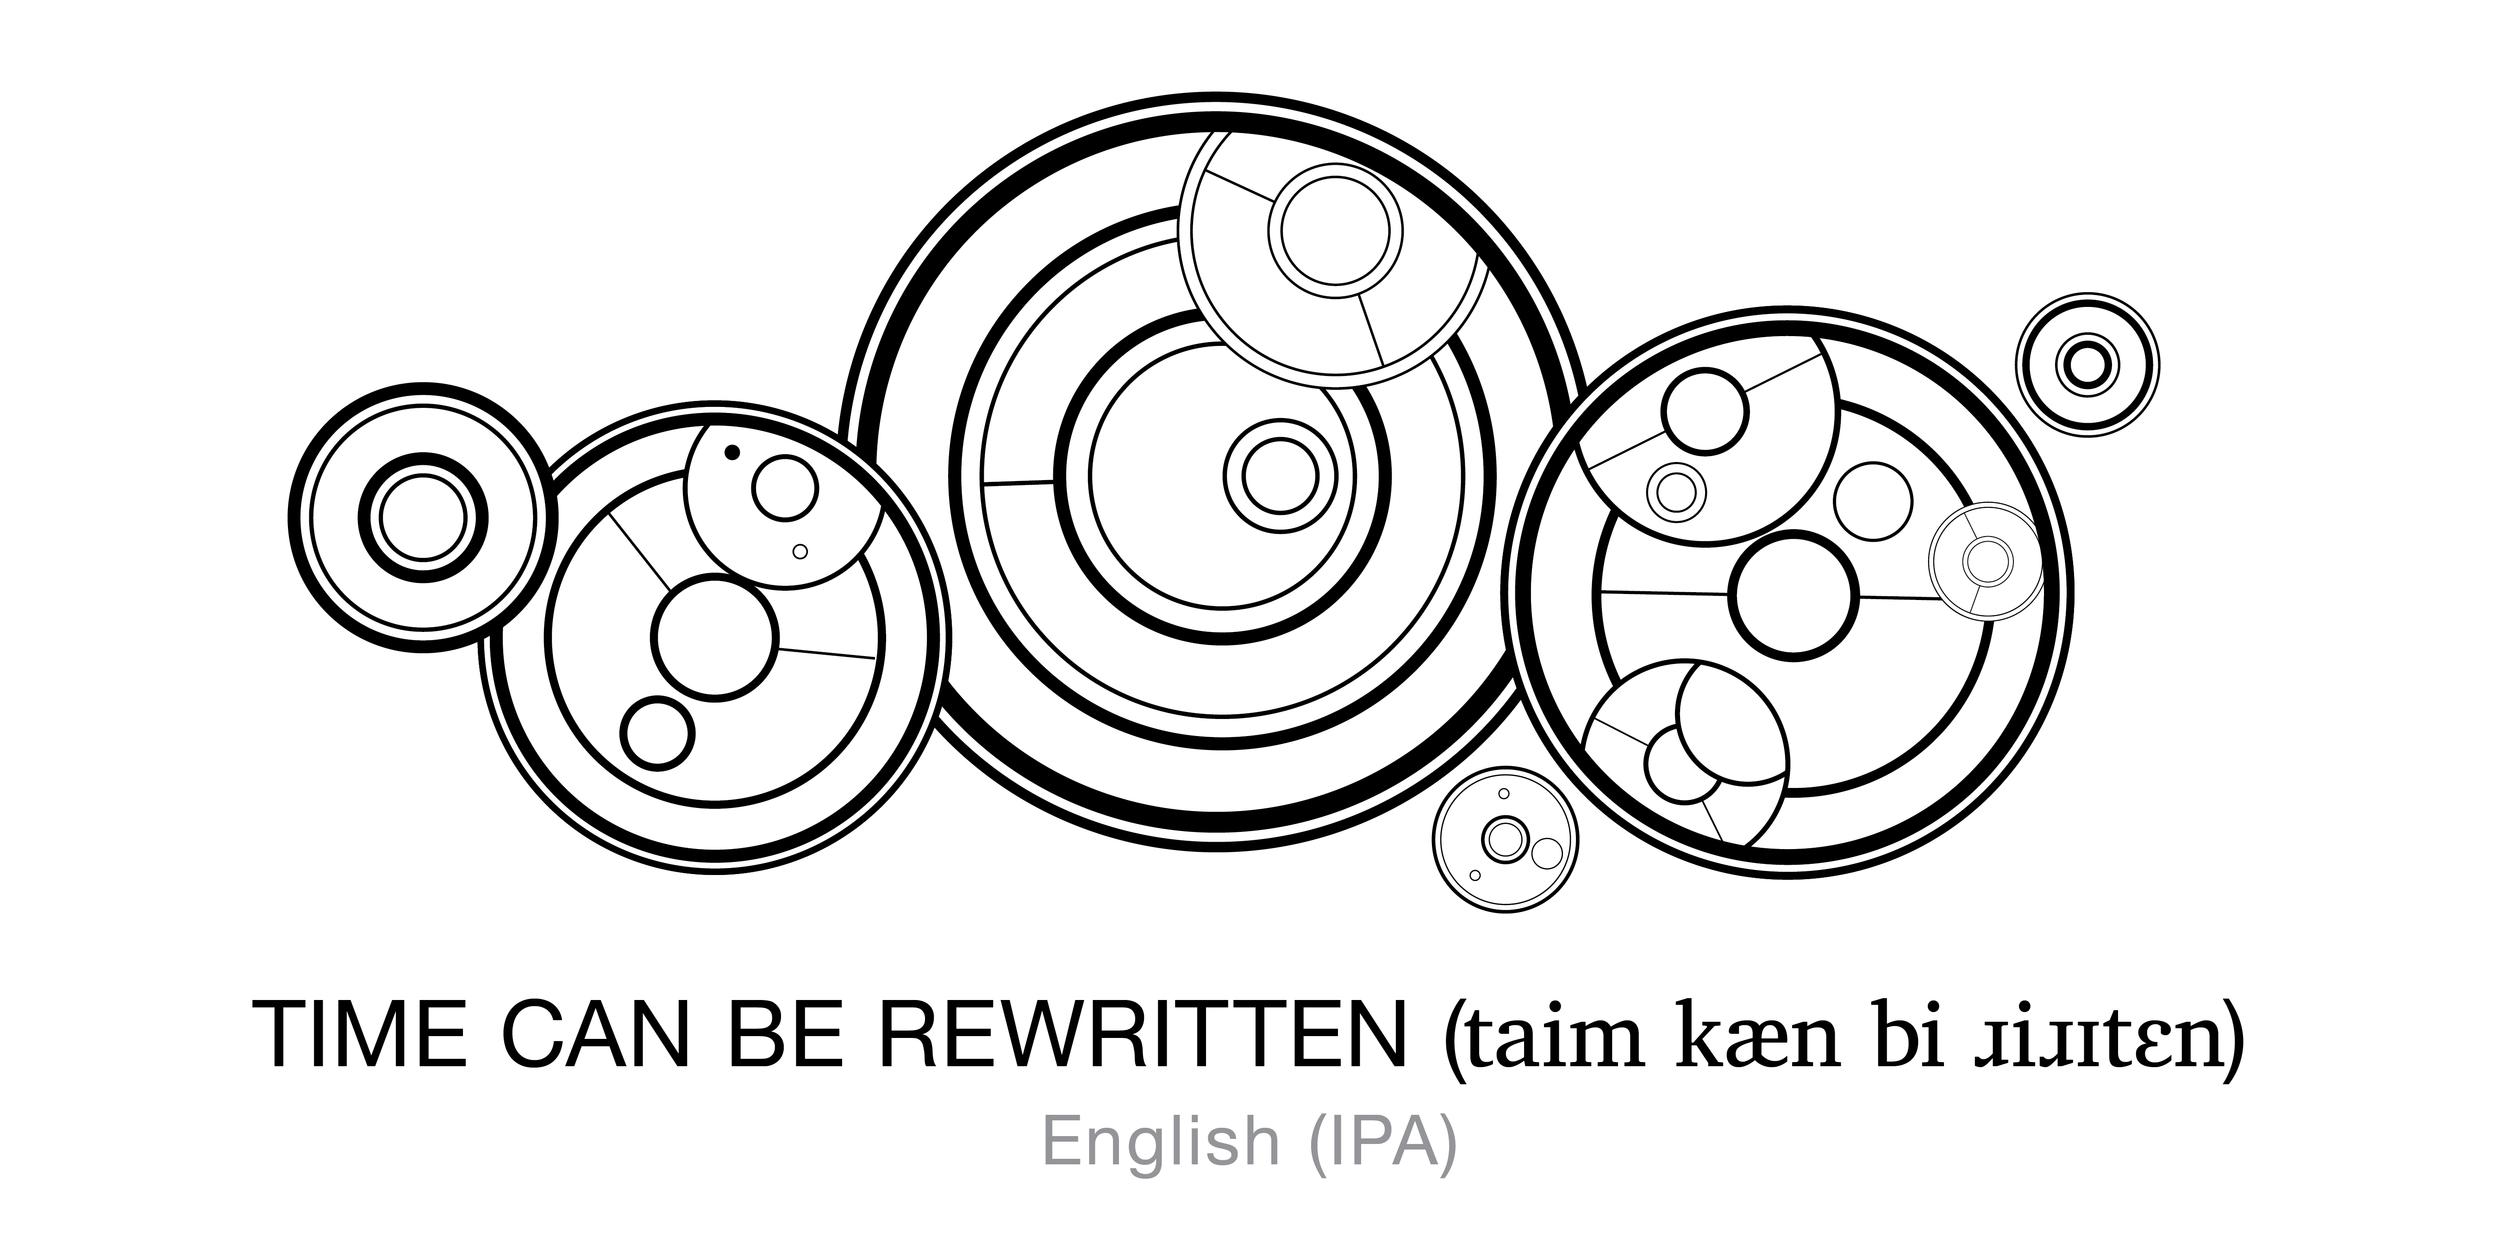 TimeCanBeRewritten-03.png